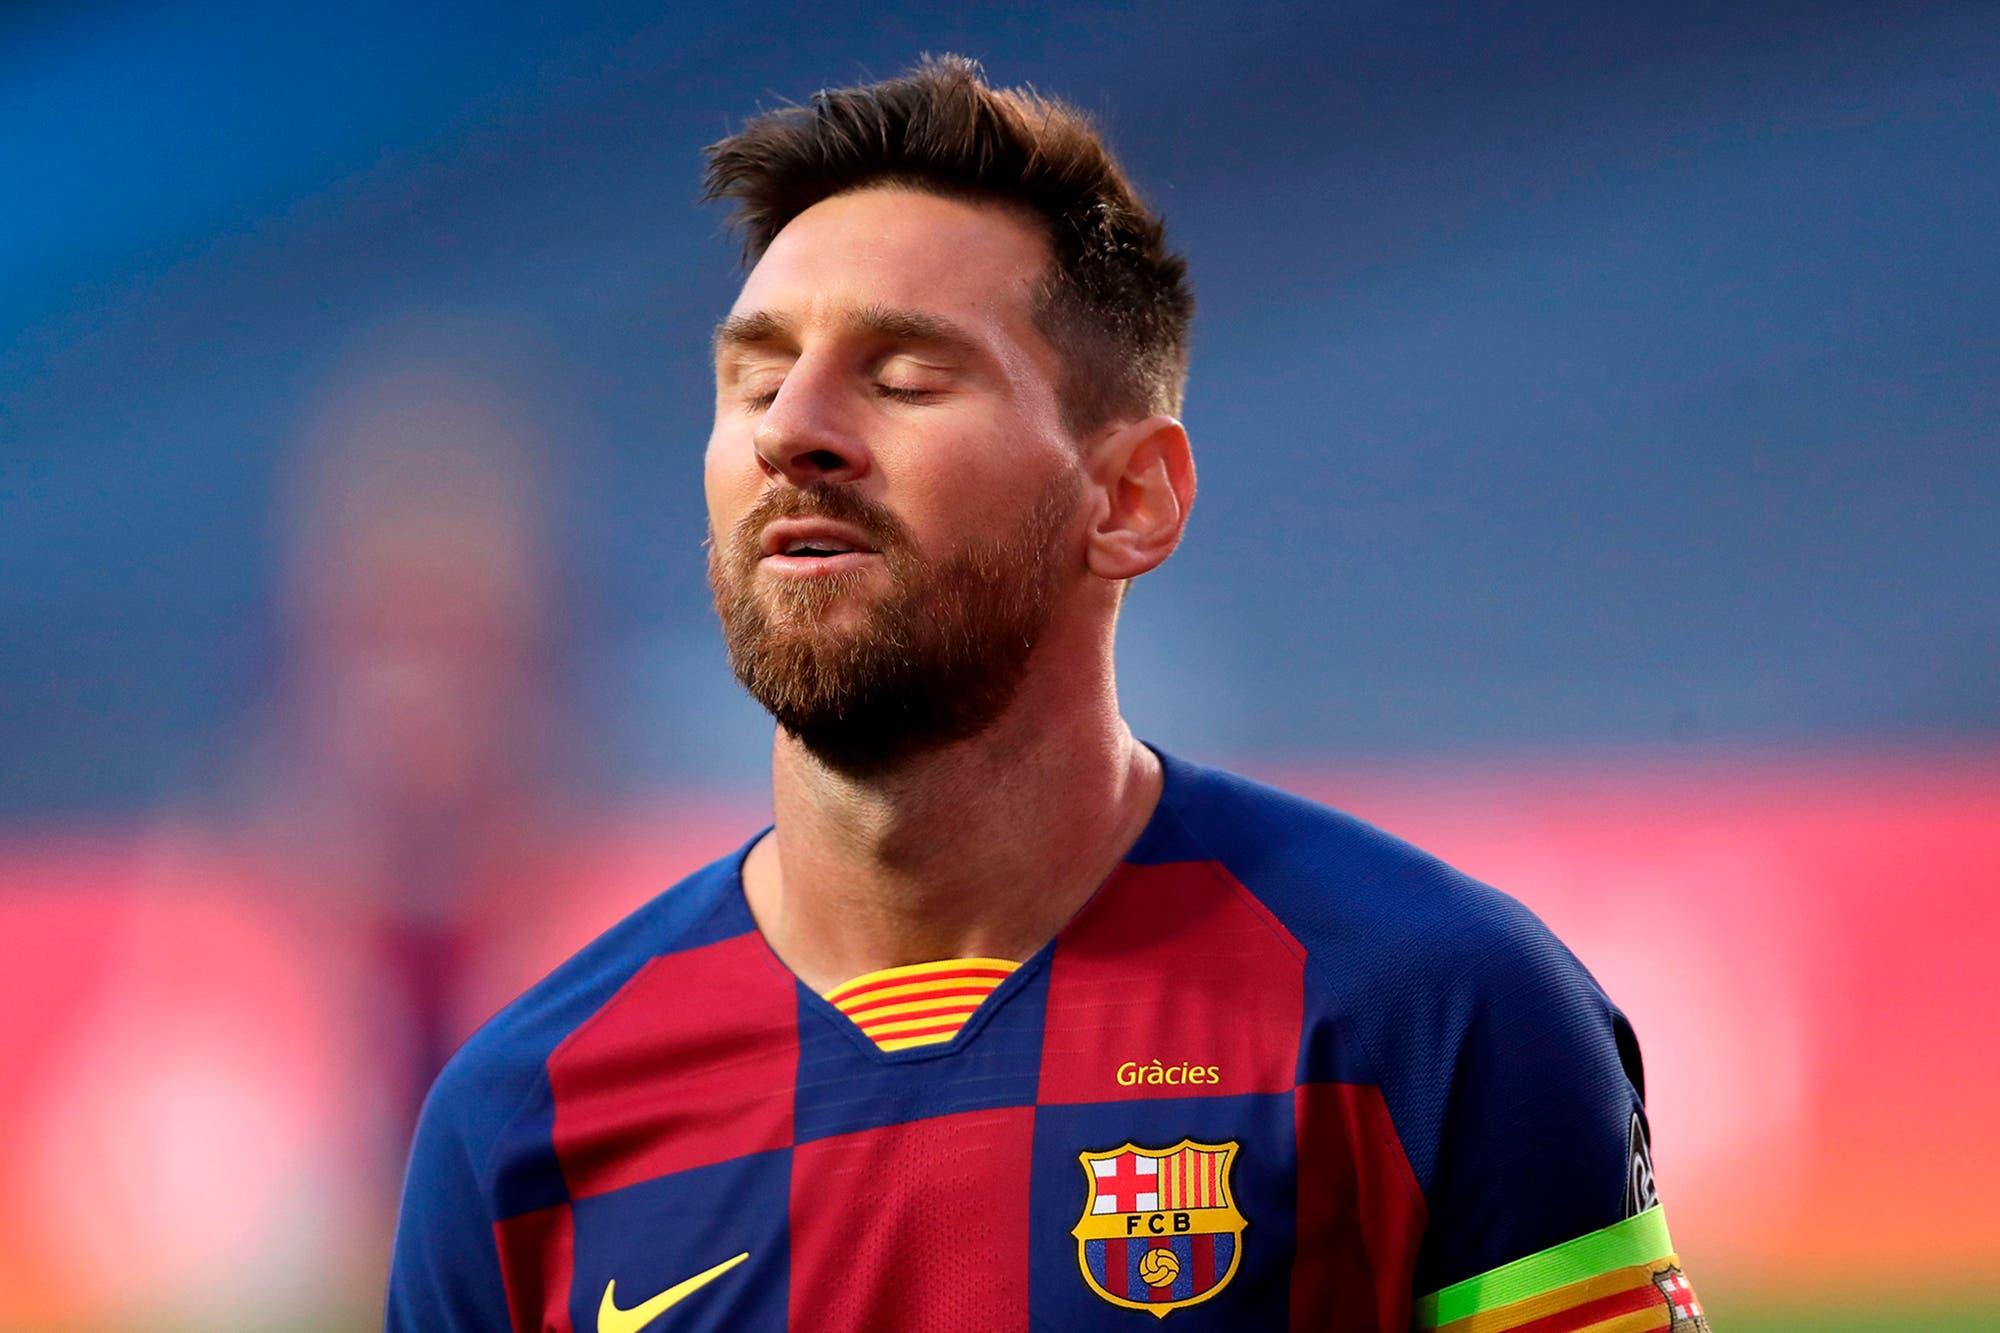 Messi, atado de pies y manos en su propia burbuja